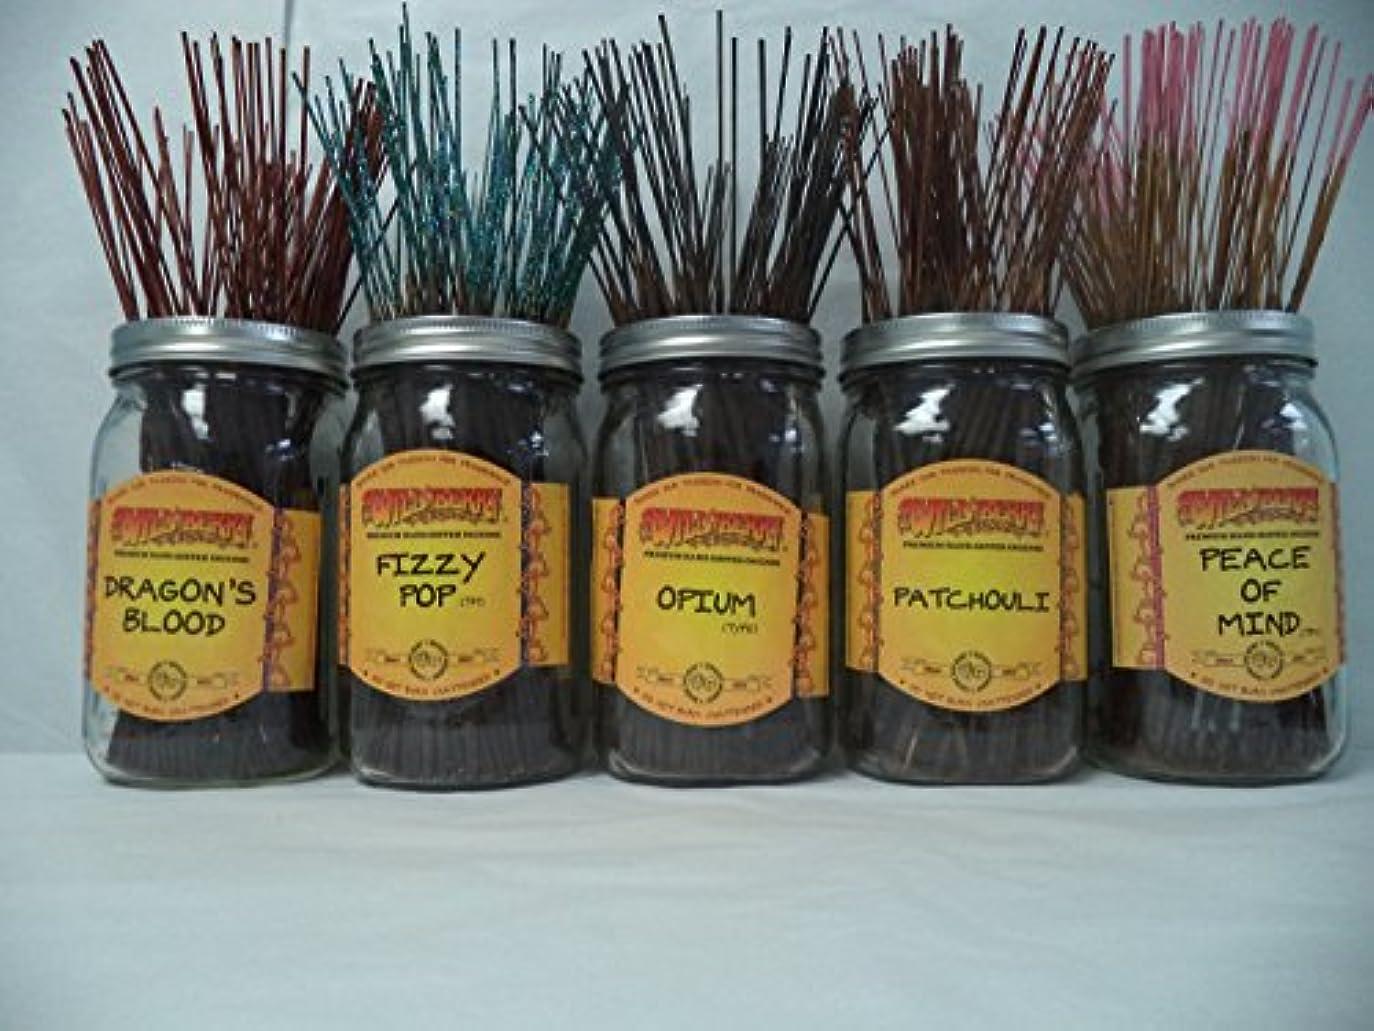 割り当てシャープ姉妹Wildberry Incense Sticks Best Seller Set #1: 20 Sticks Each of 5 Scents, Total 100 Sticks!